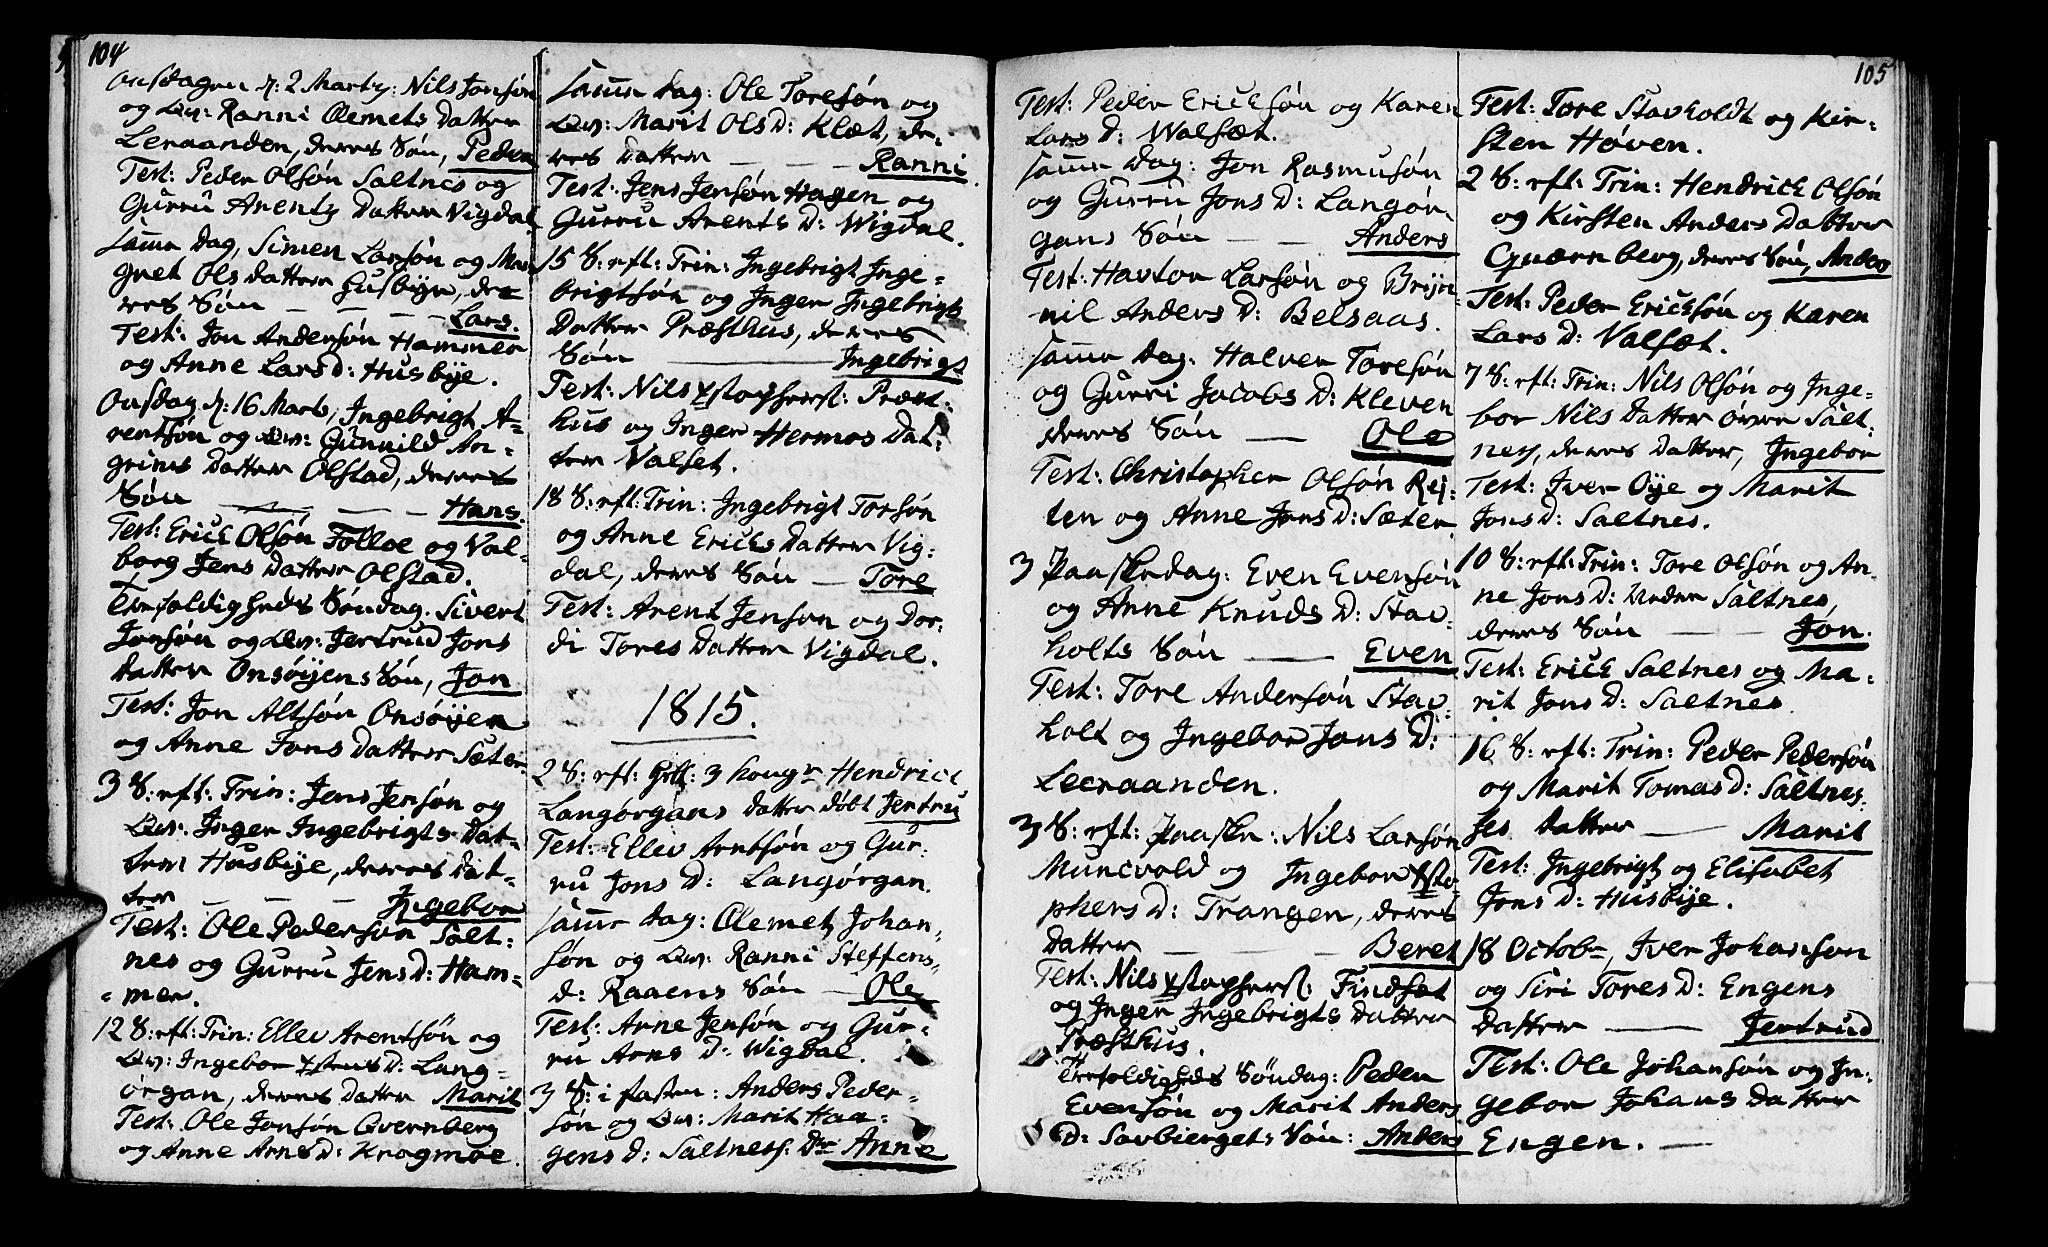 SAT, Ministerialprotokoller, klokkerbøker og fødselsregistre - Sør-Trøndelag, 666/L0785: Ministerialbok nr. 666A03, 1803-1816, s. 104-105